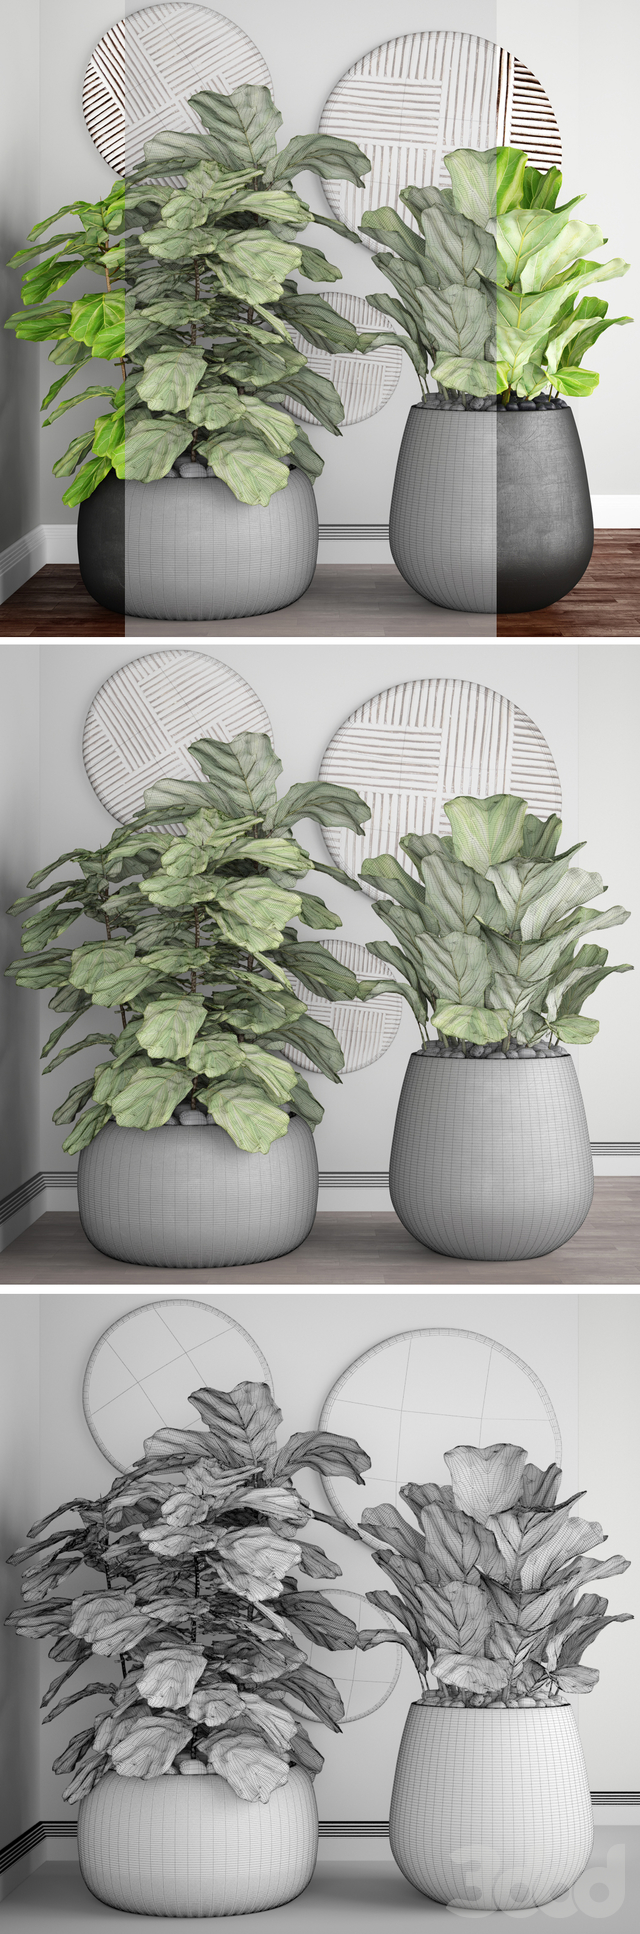 Коллекция растений в горшках 24